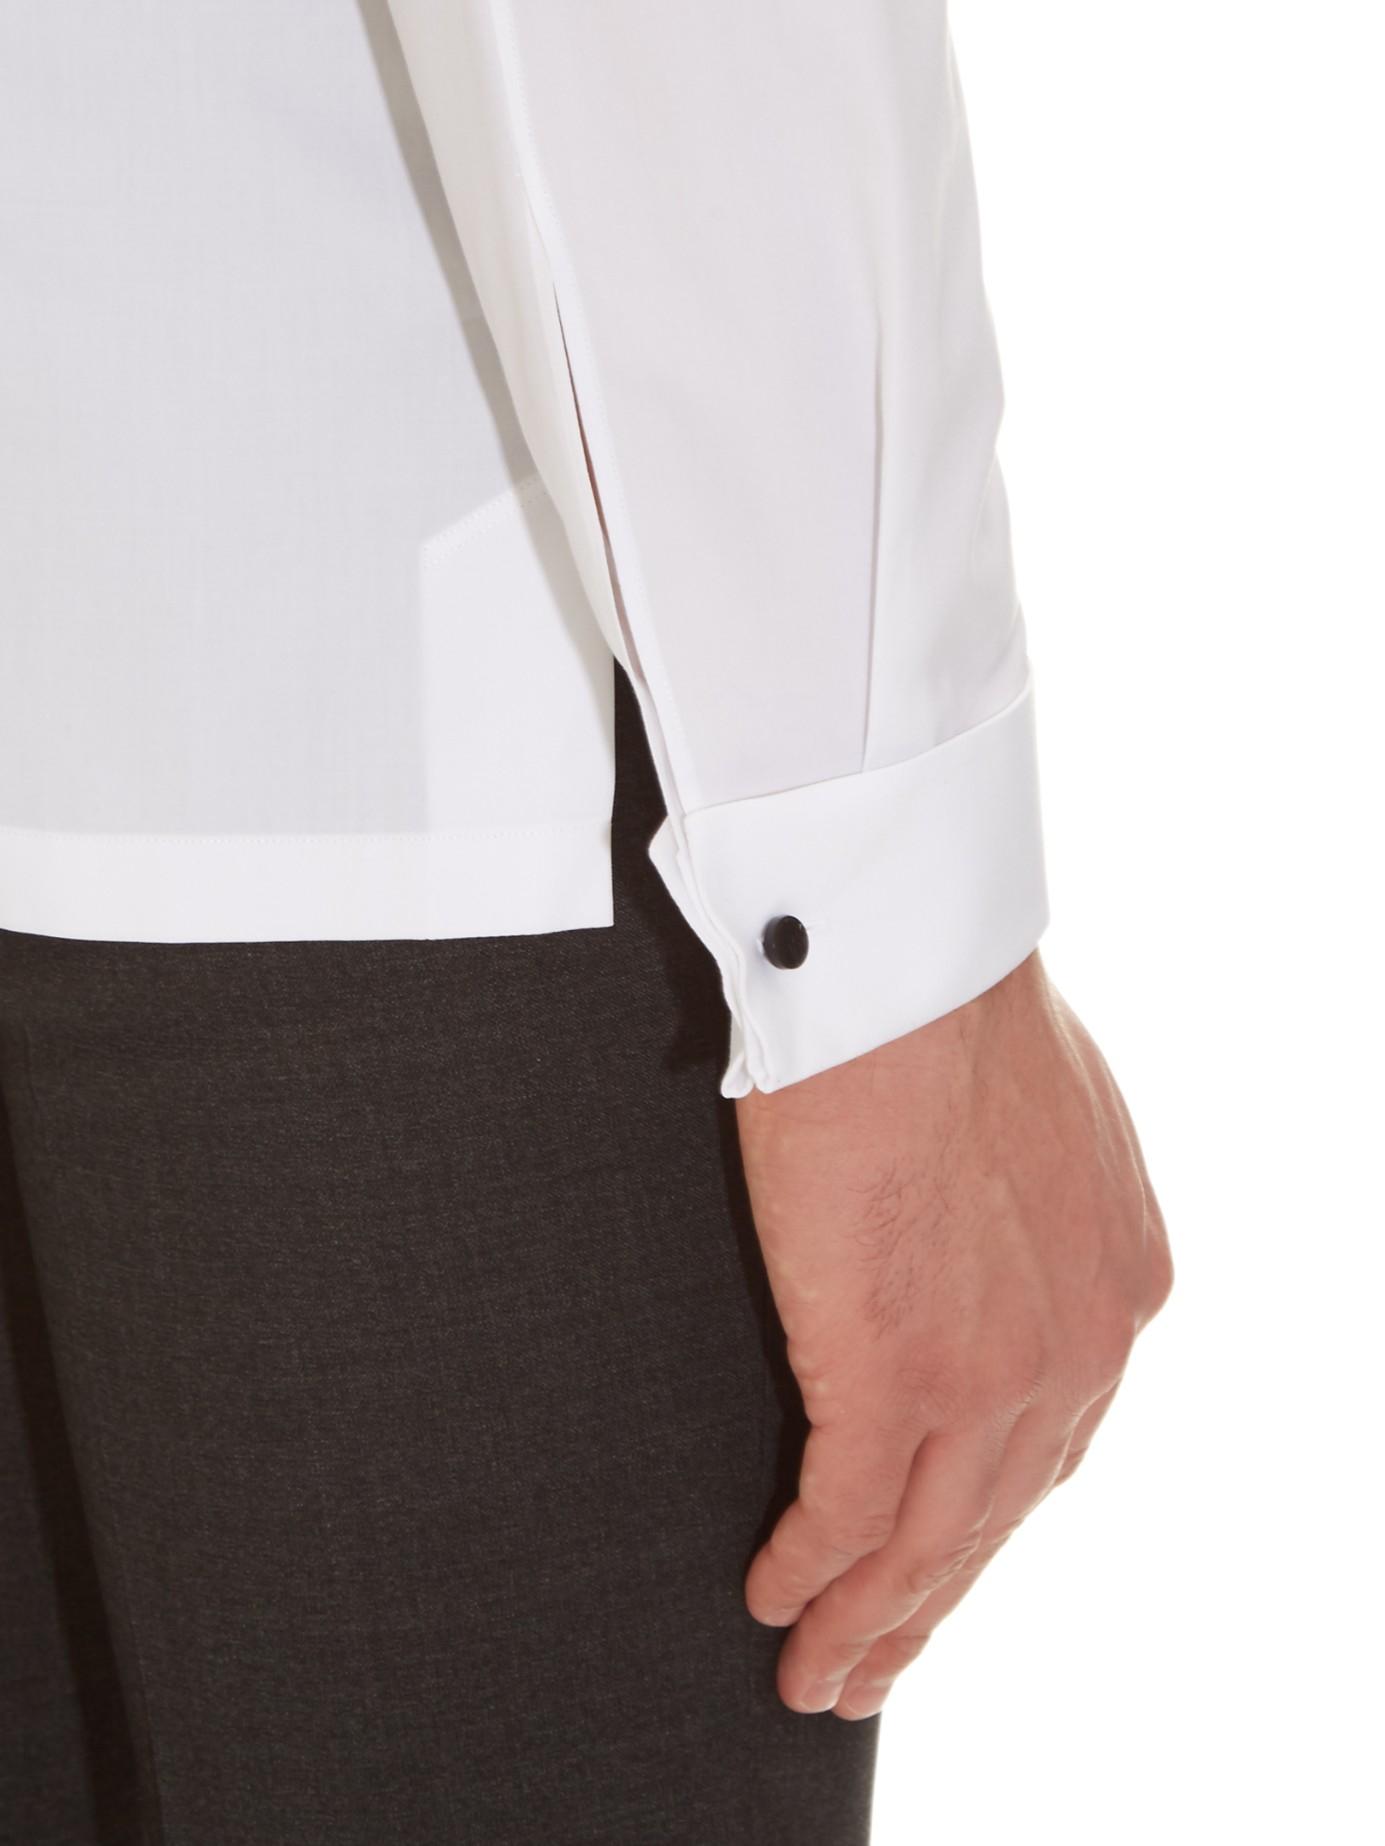 47270df4 New Balenciaga Double Shirt | The Art of Mike Mignola